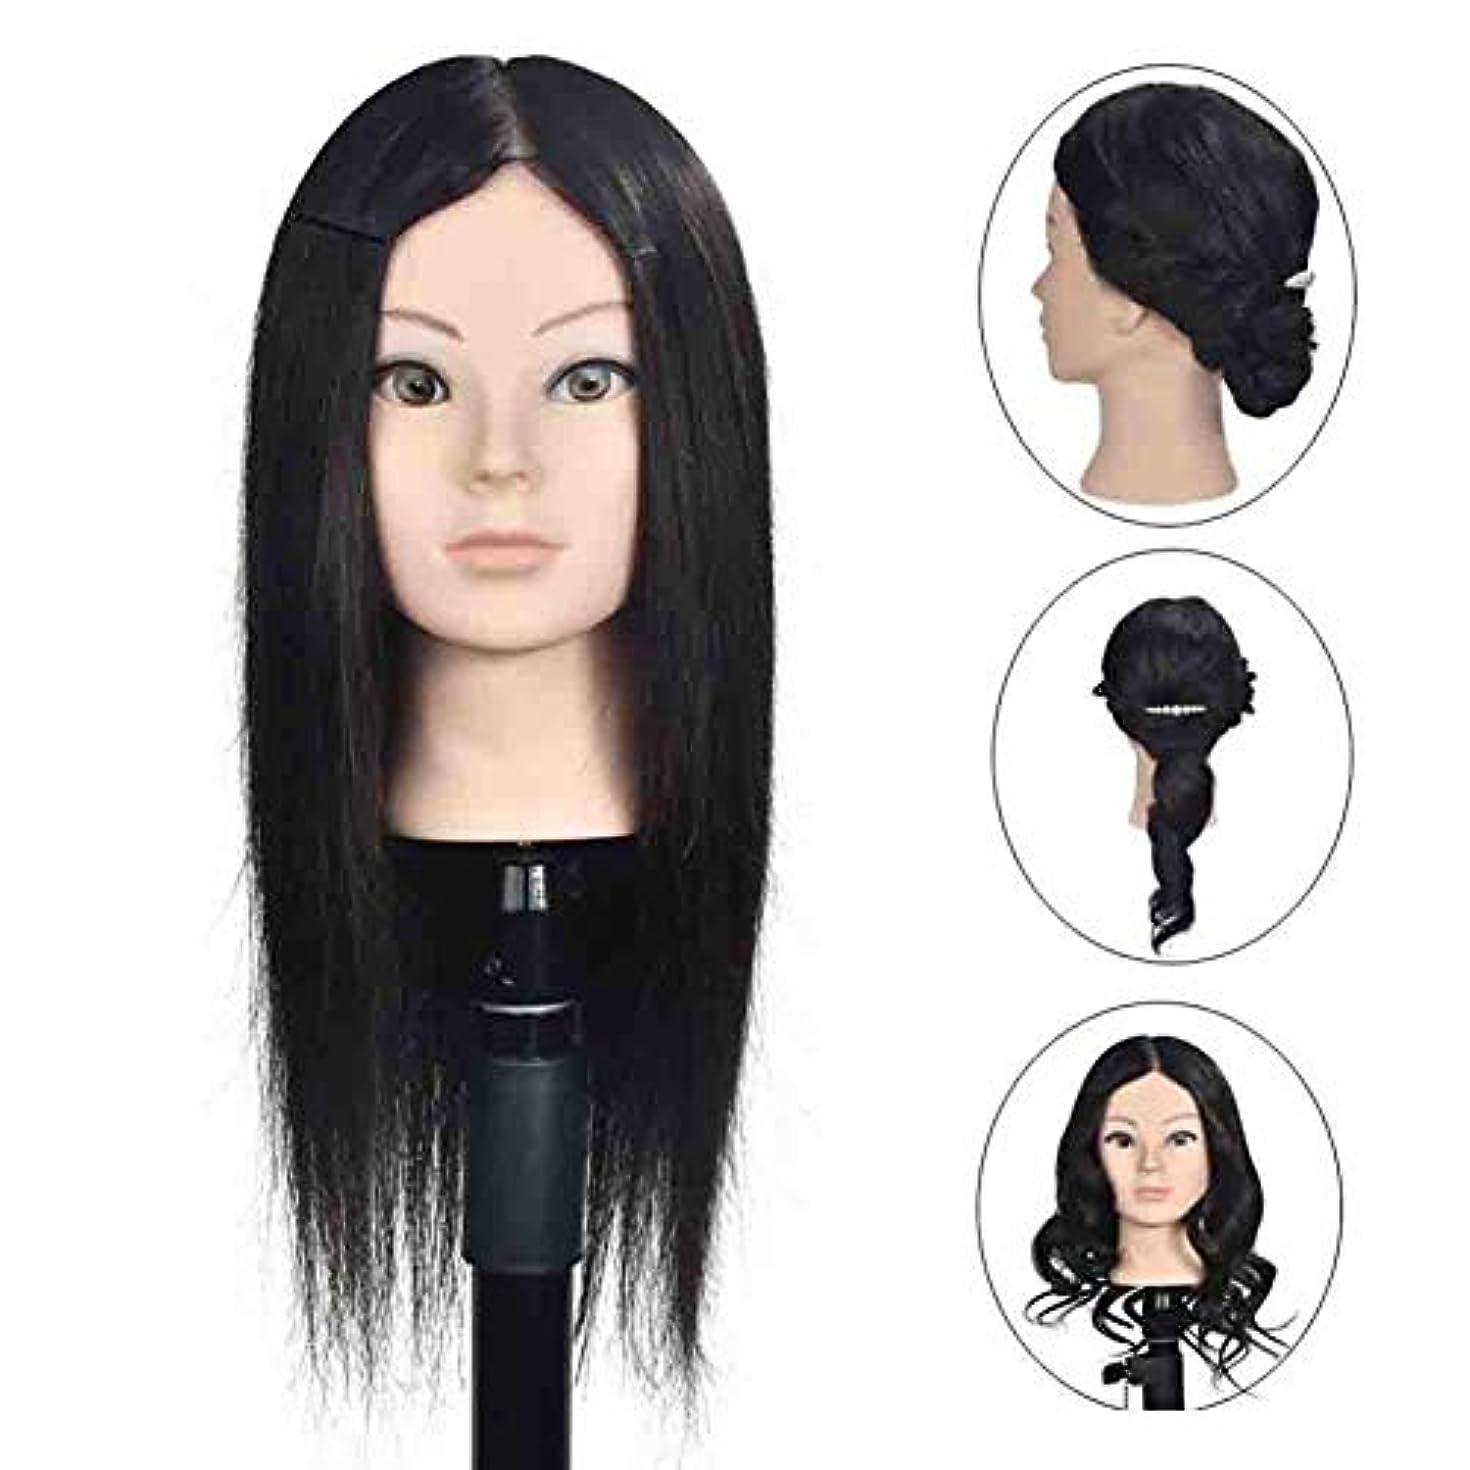 放射能アコードペックリアルヘアスタイリングマネキンヘッド女性ヘッドモデル教育ヘッド理髪店編組ヘア染色学習ダミーヘッド